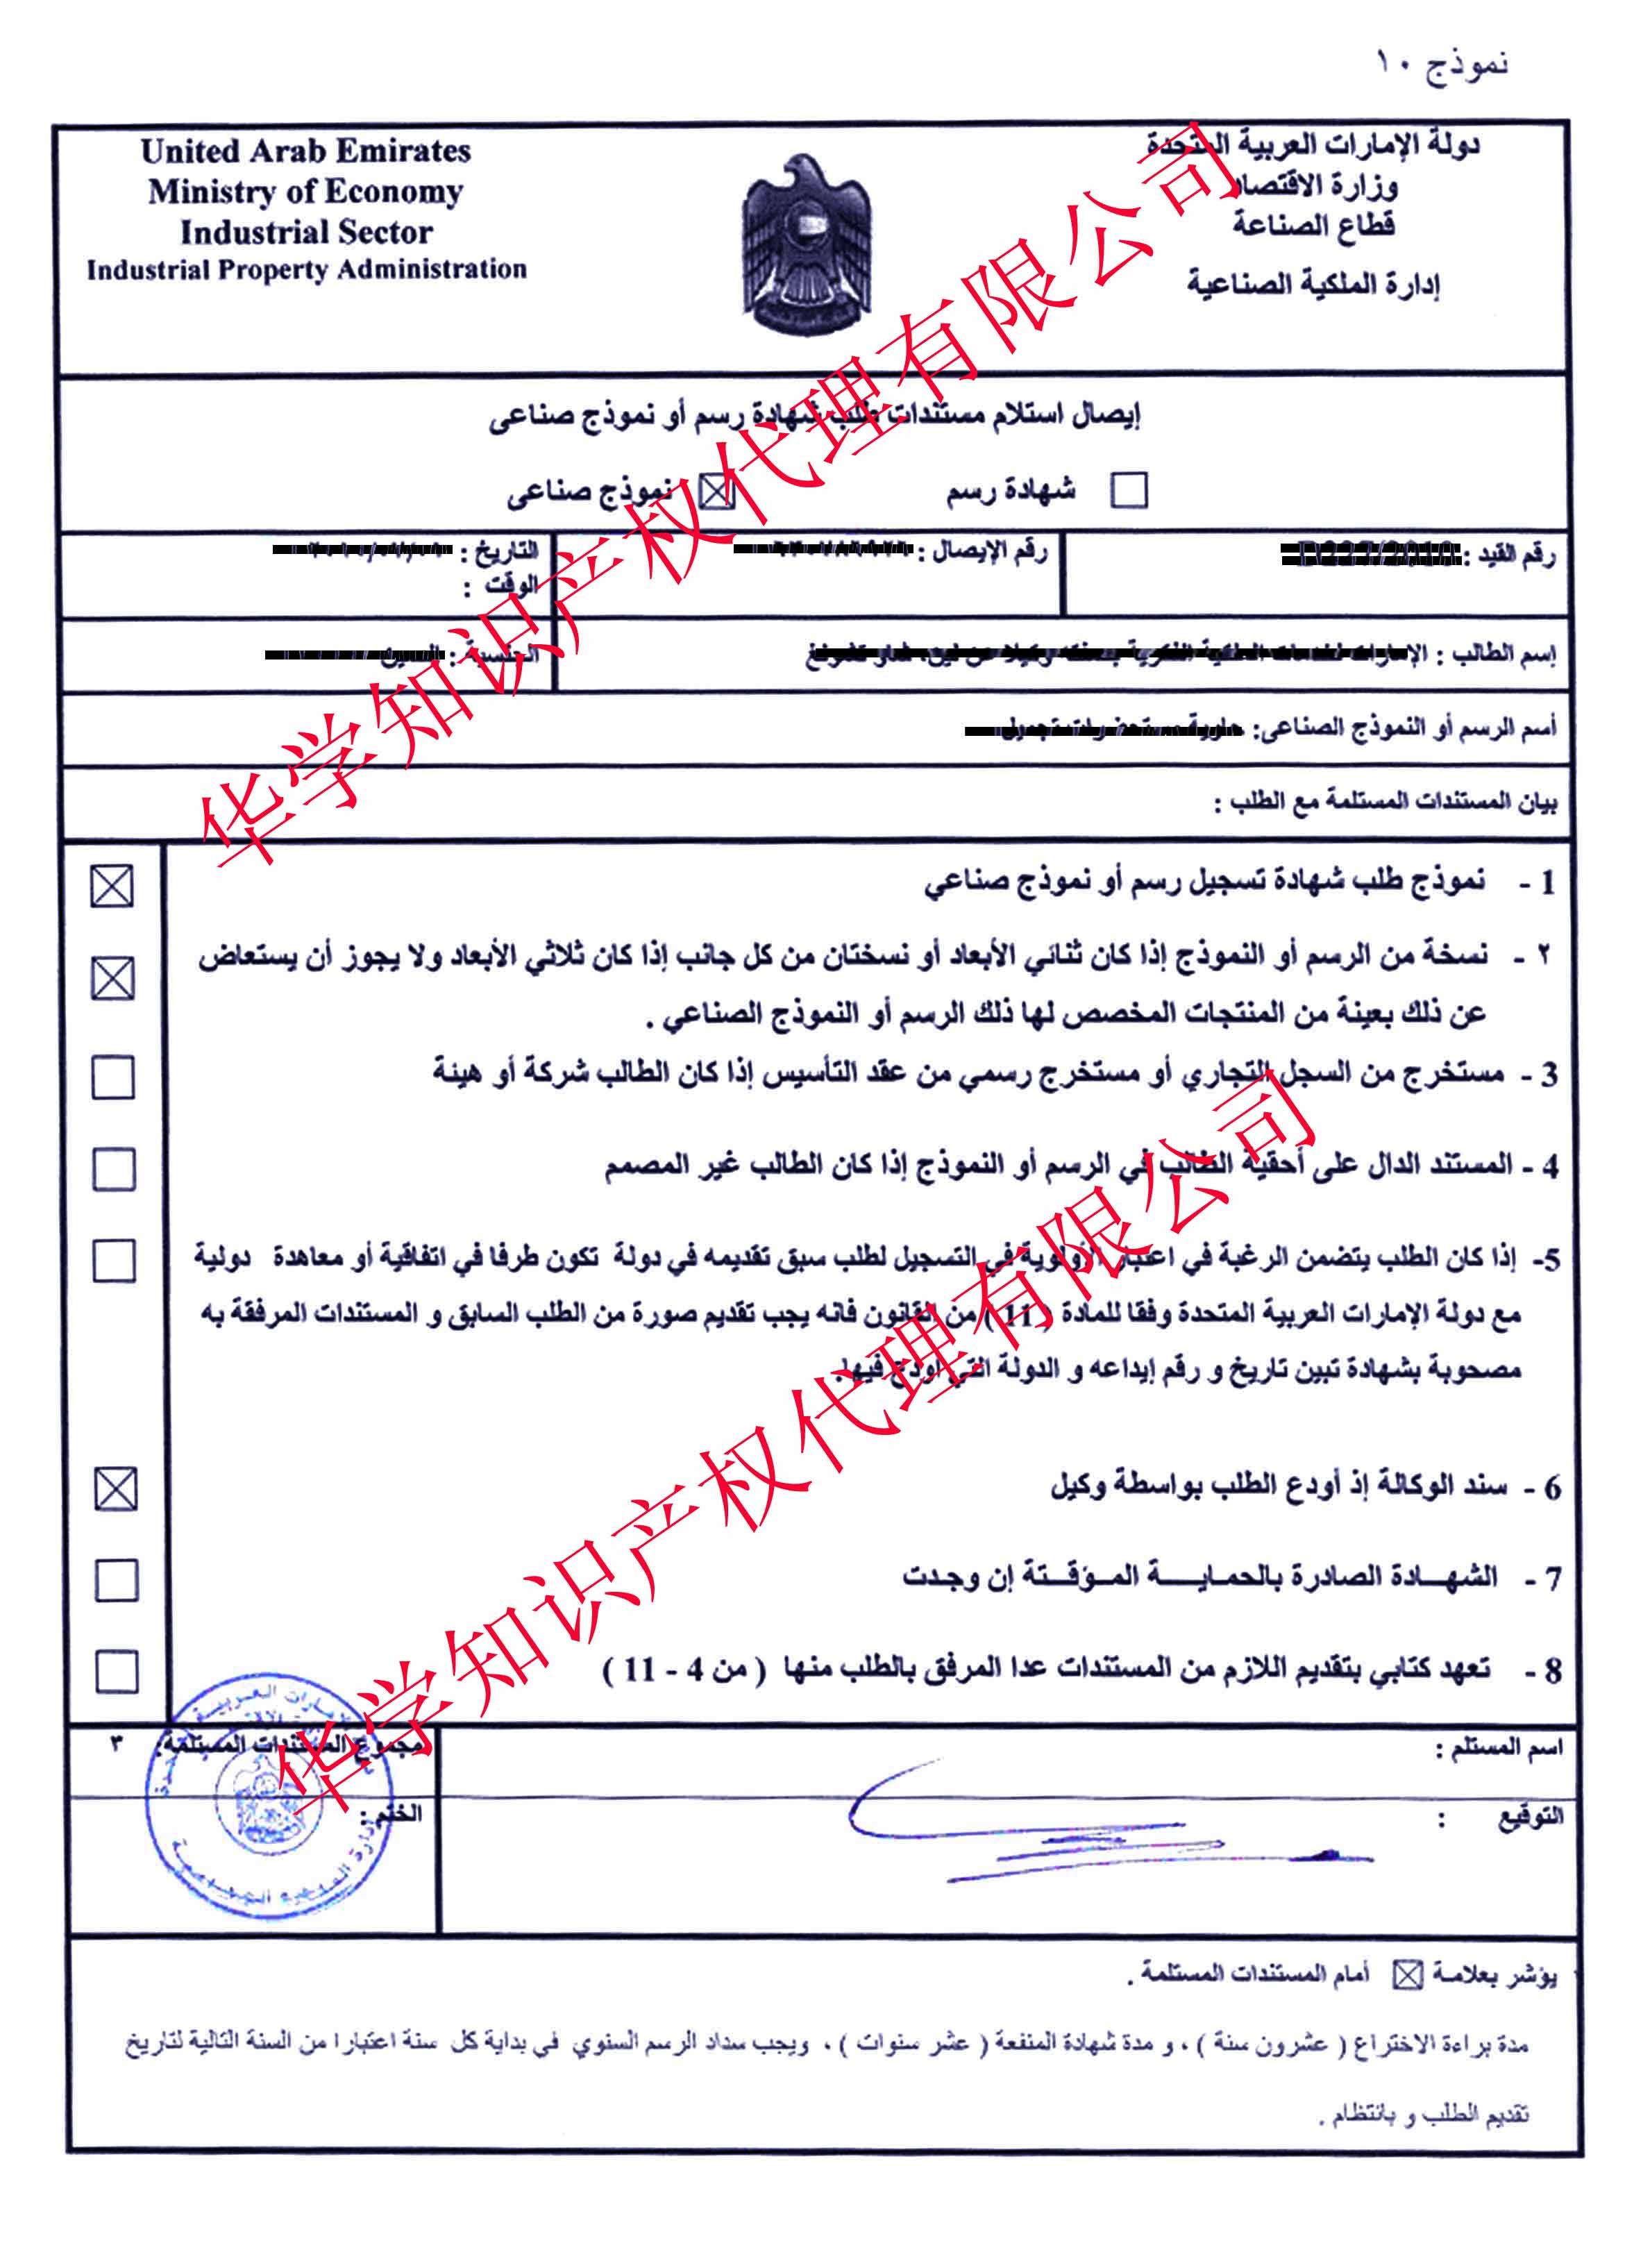 阿聯酋專利受理回執